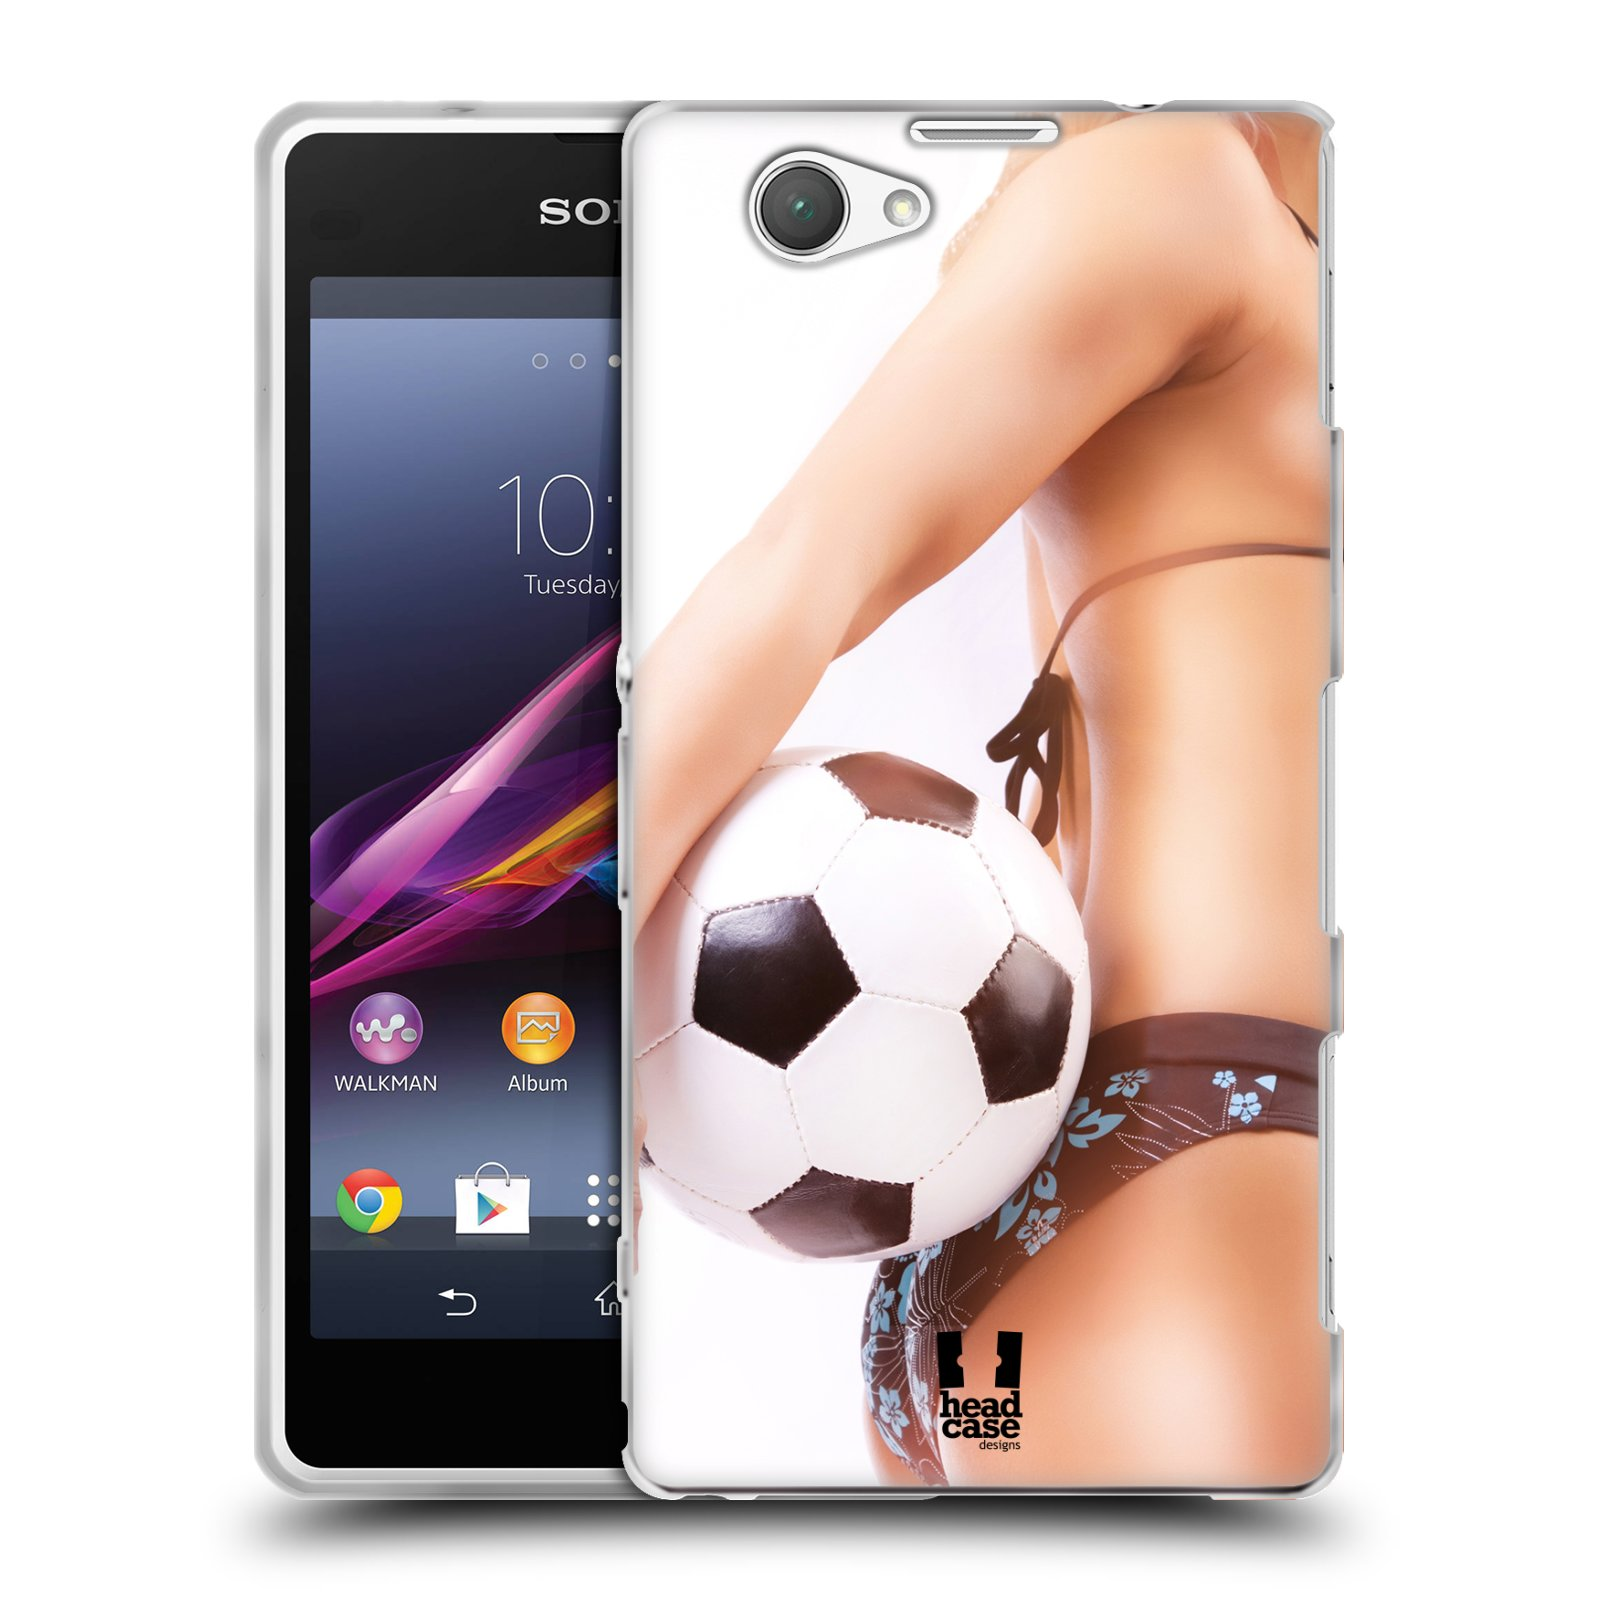 Silikonové pouzdro na mobil Sony Xperia Z1 Compact D5503 HEAD CASE SEXY ZADEČEK